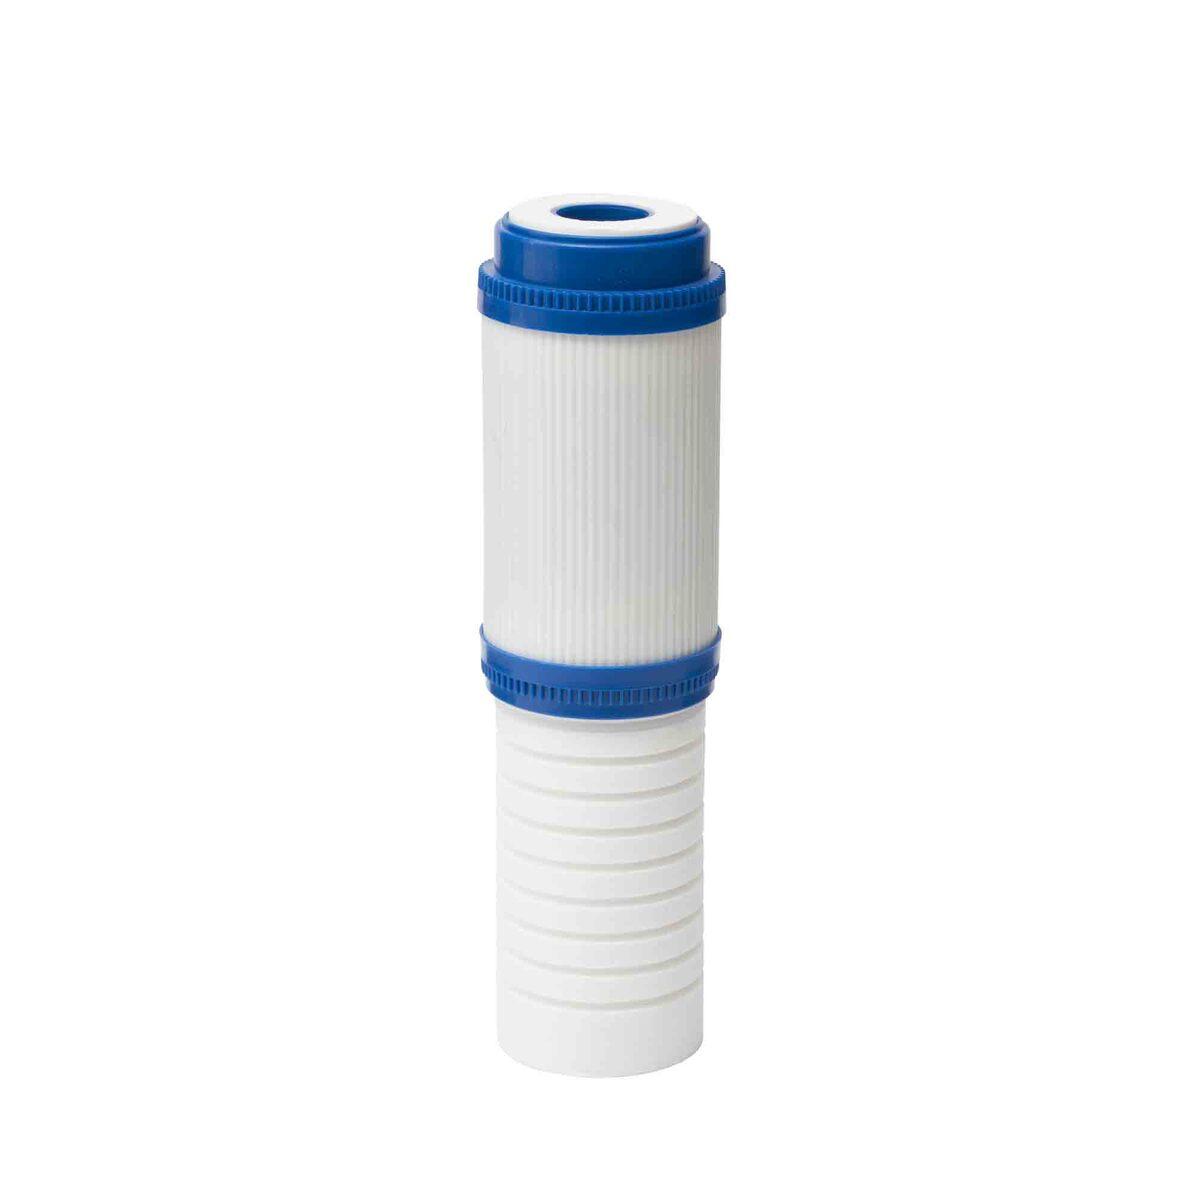 SAT 2 složková filtrační patrona 10 mikronů SATCPC1010M